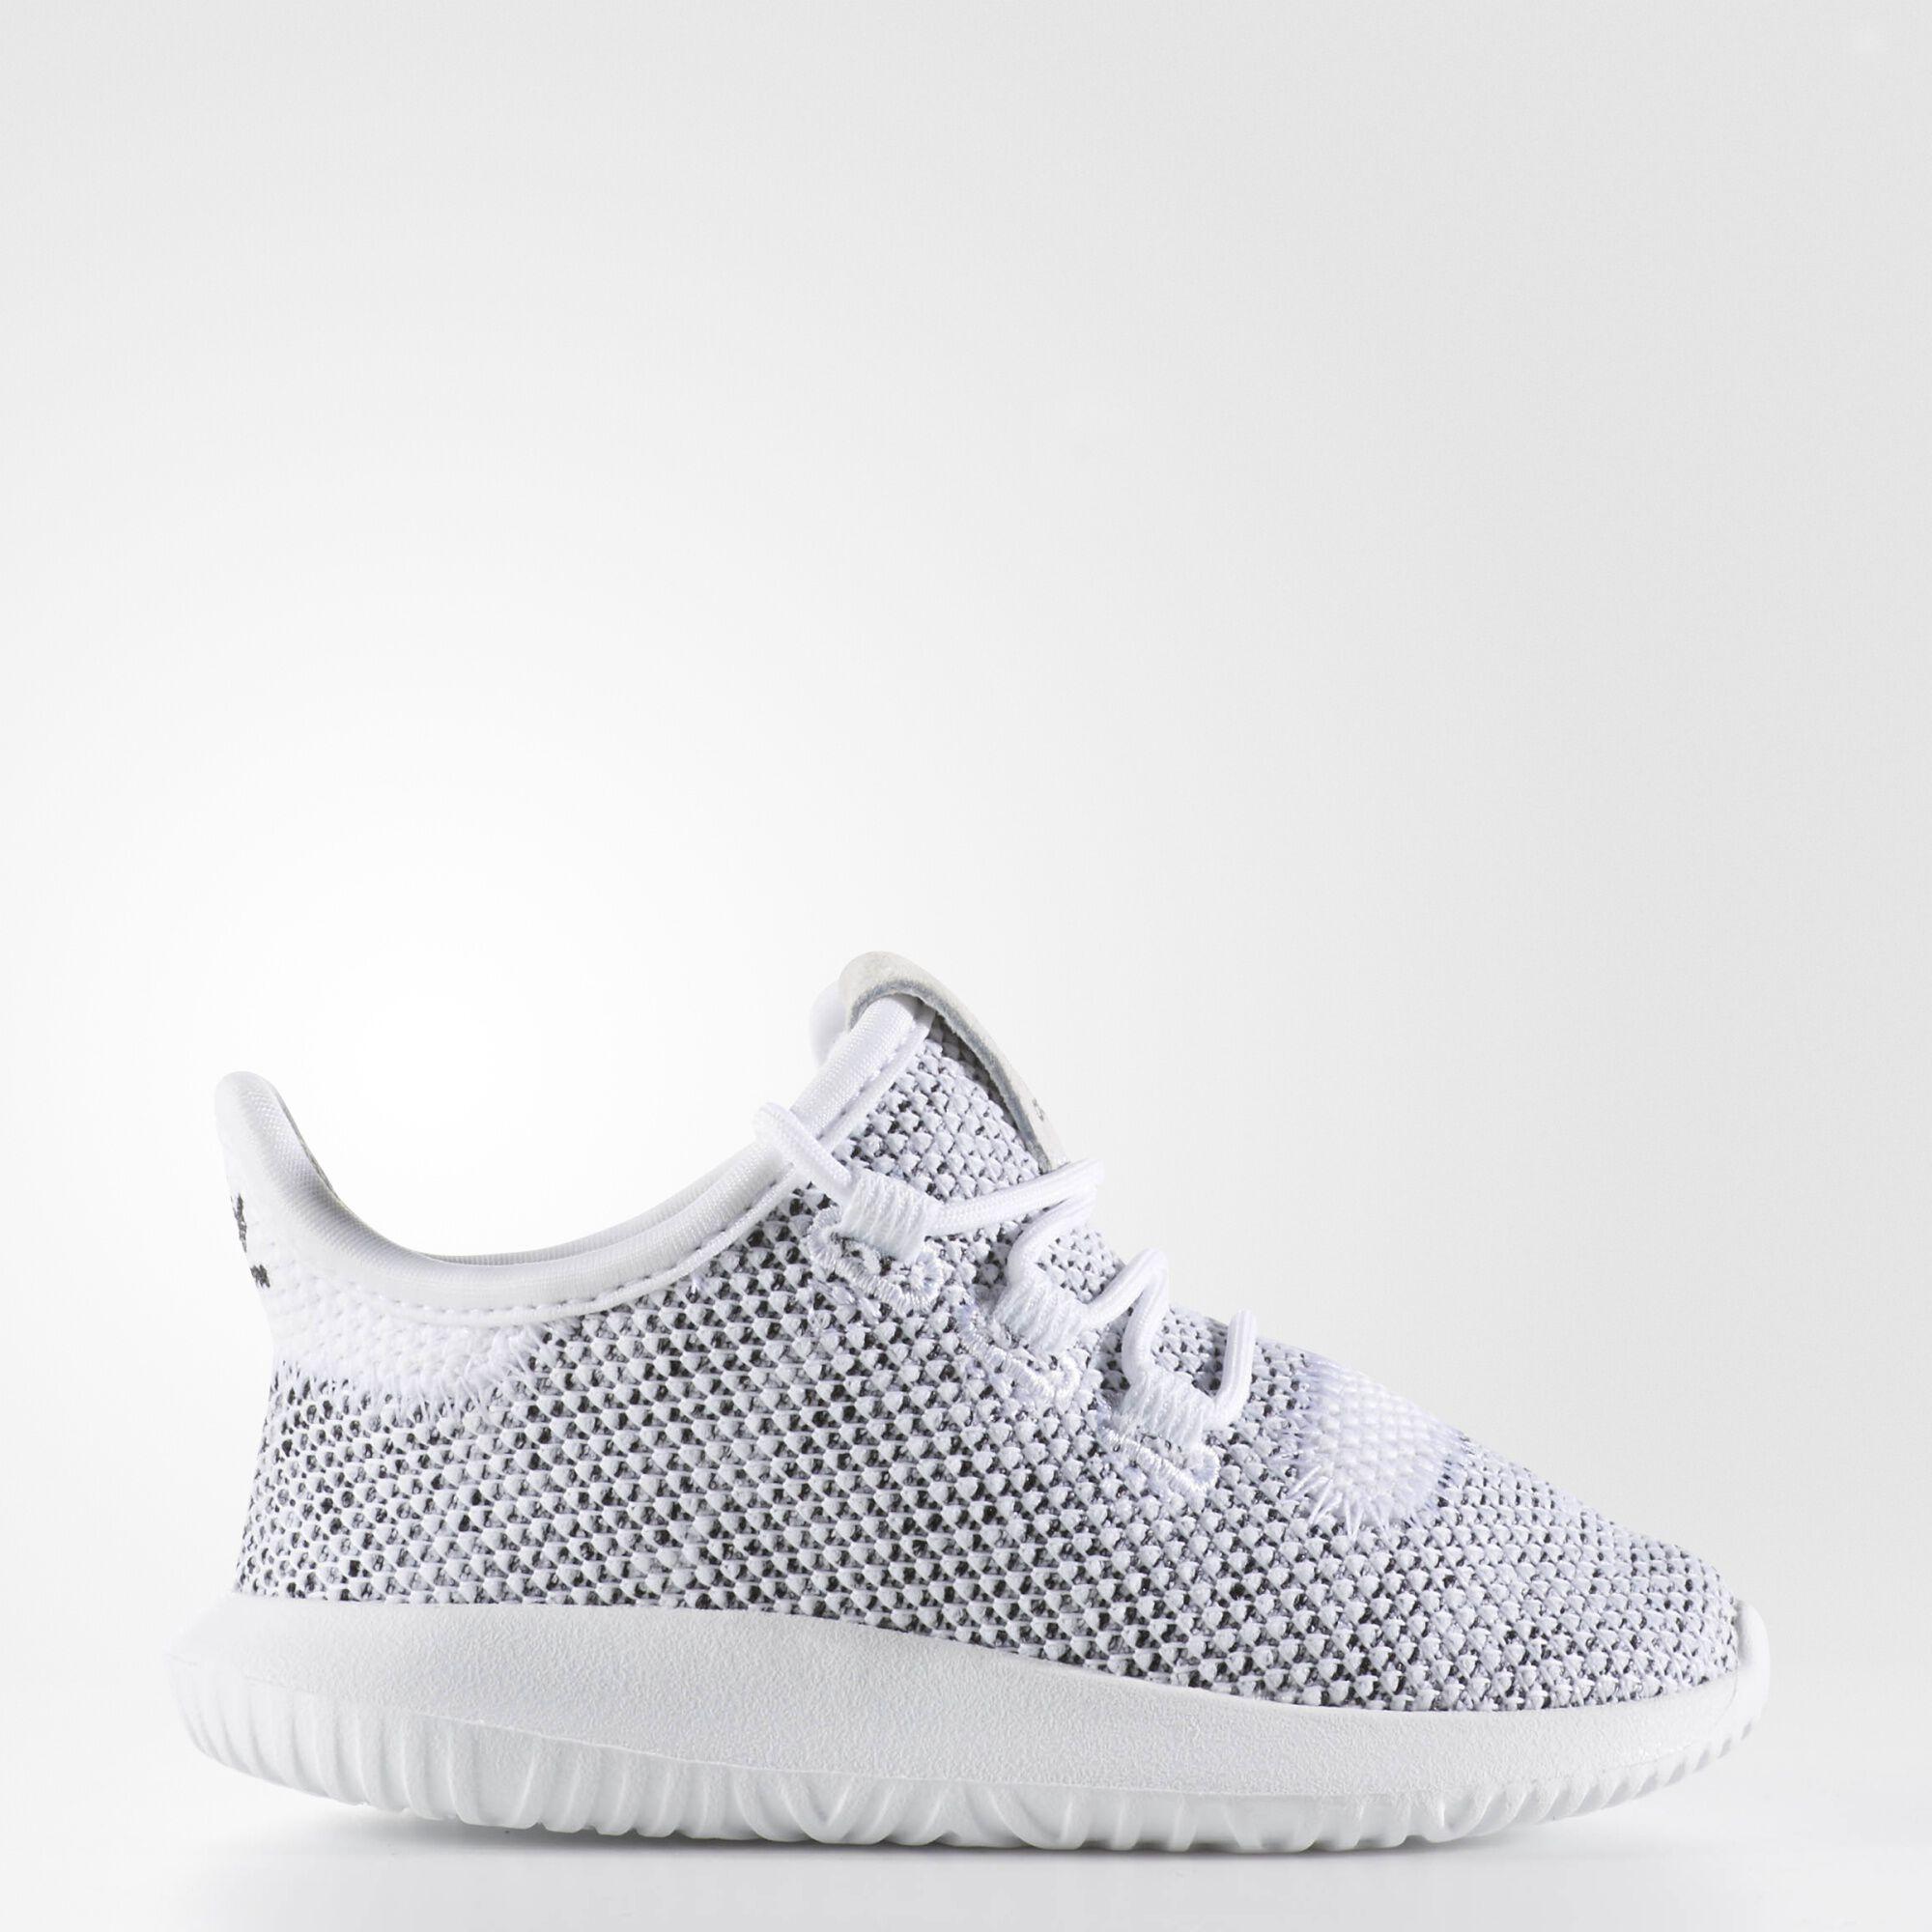 Adidas Tubular Viral Metallic Silver Clear Granite White